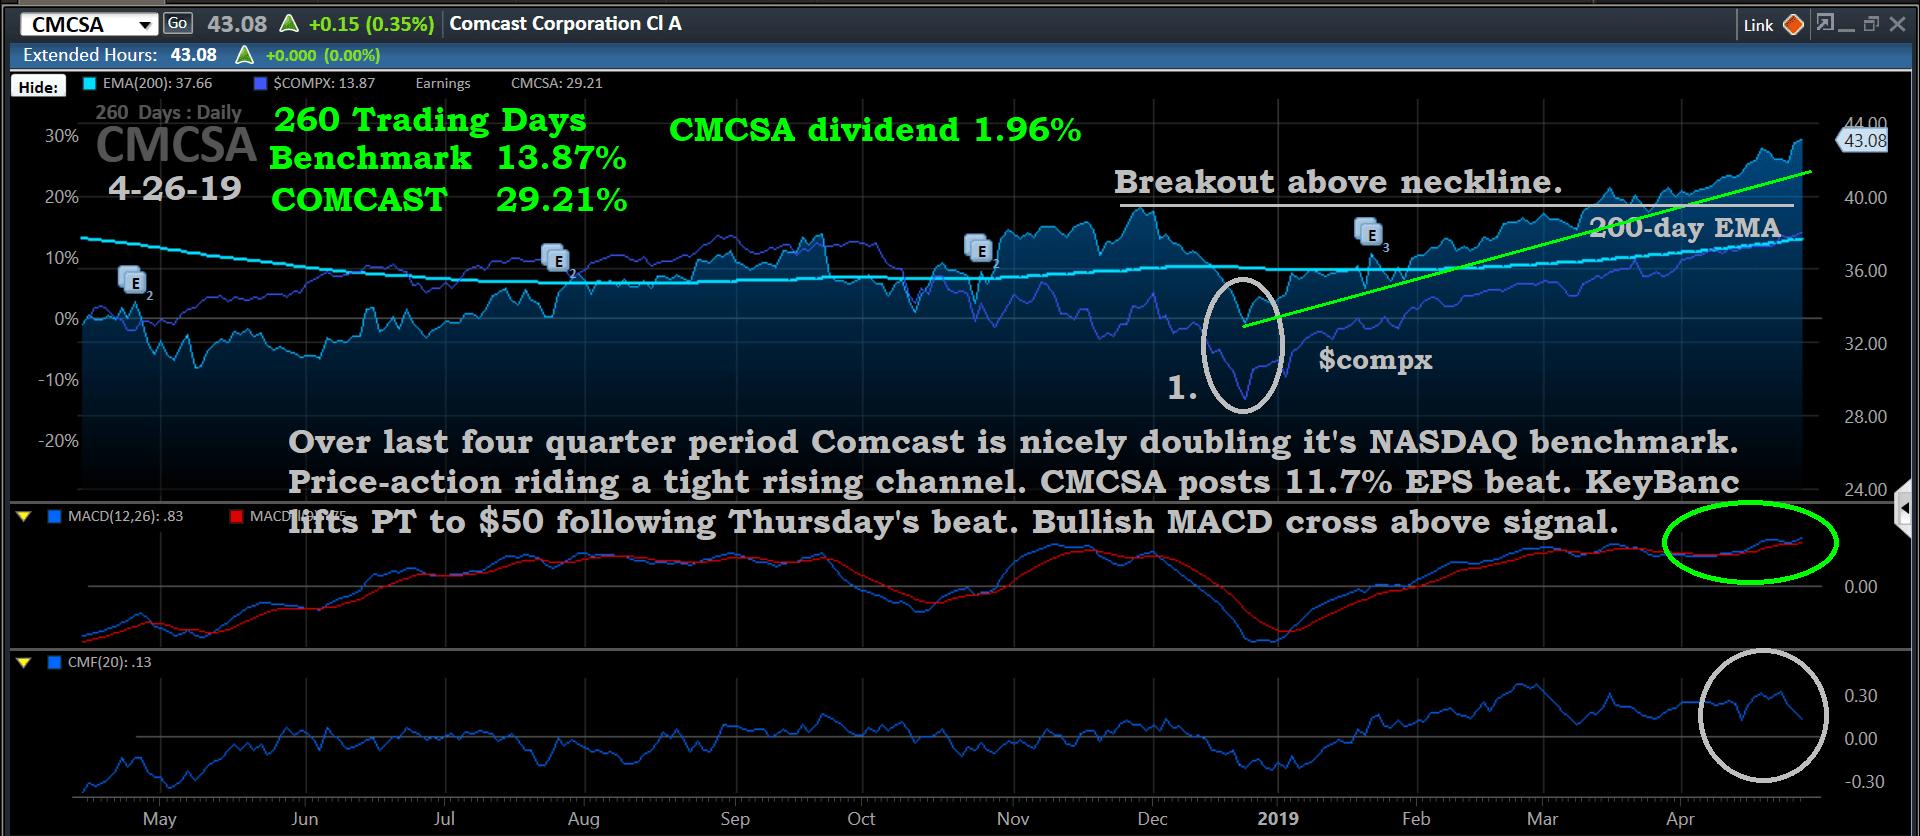 Chart, CMCSA, 4-26-19